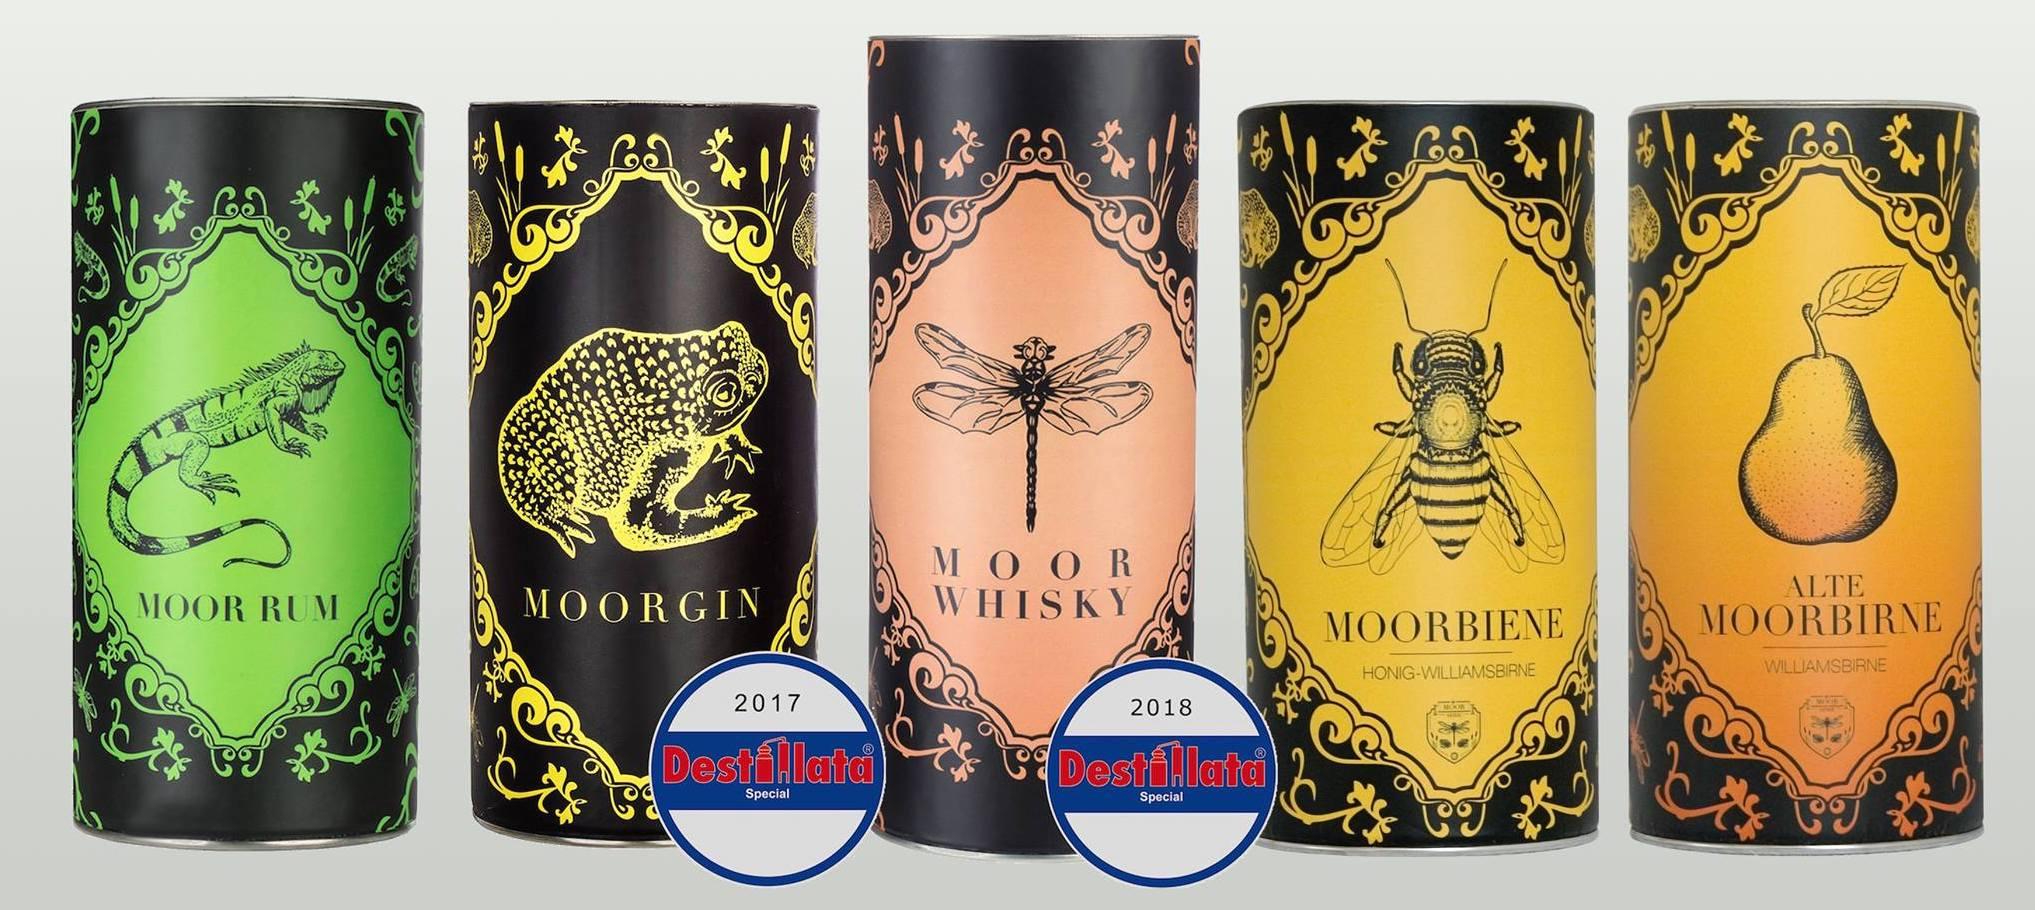 24/7 Gin Automat MOORDESTILLERIE Kolbermoor